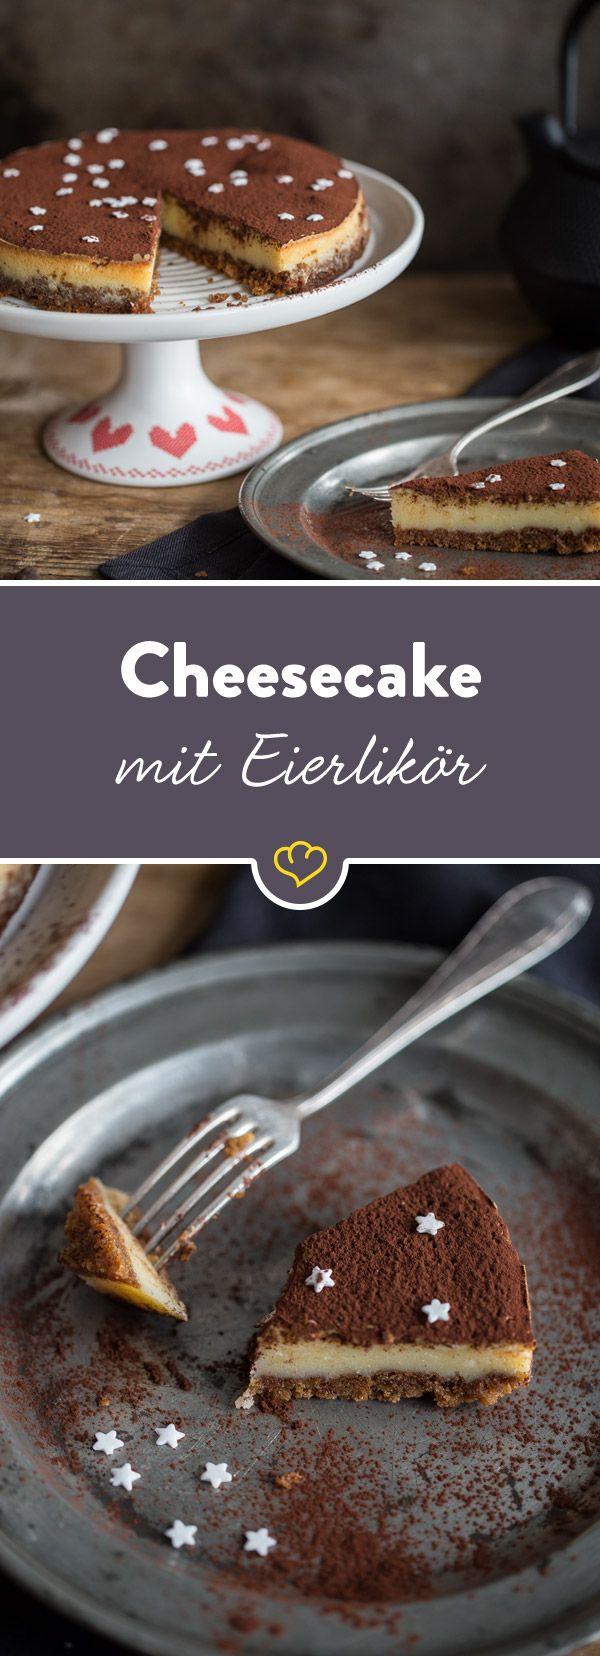 Käsekuchen mit Schuss: Eierlikör-Cheesecake